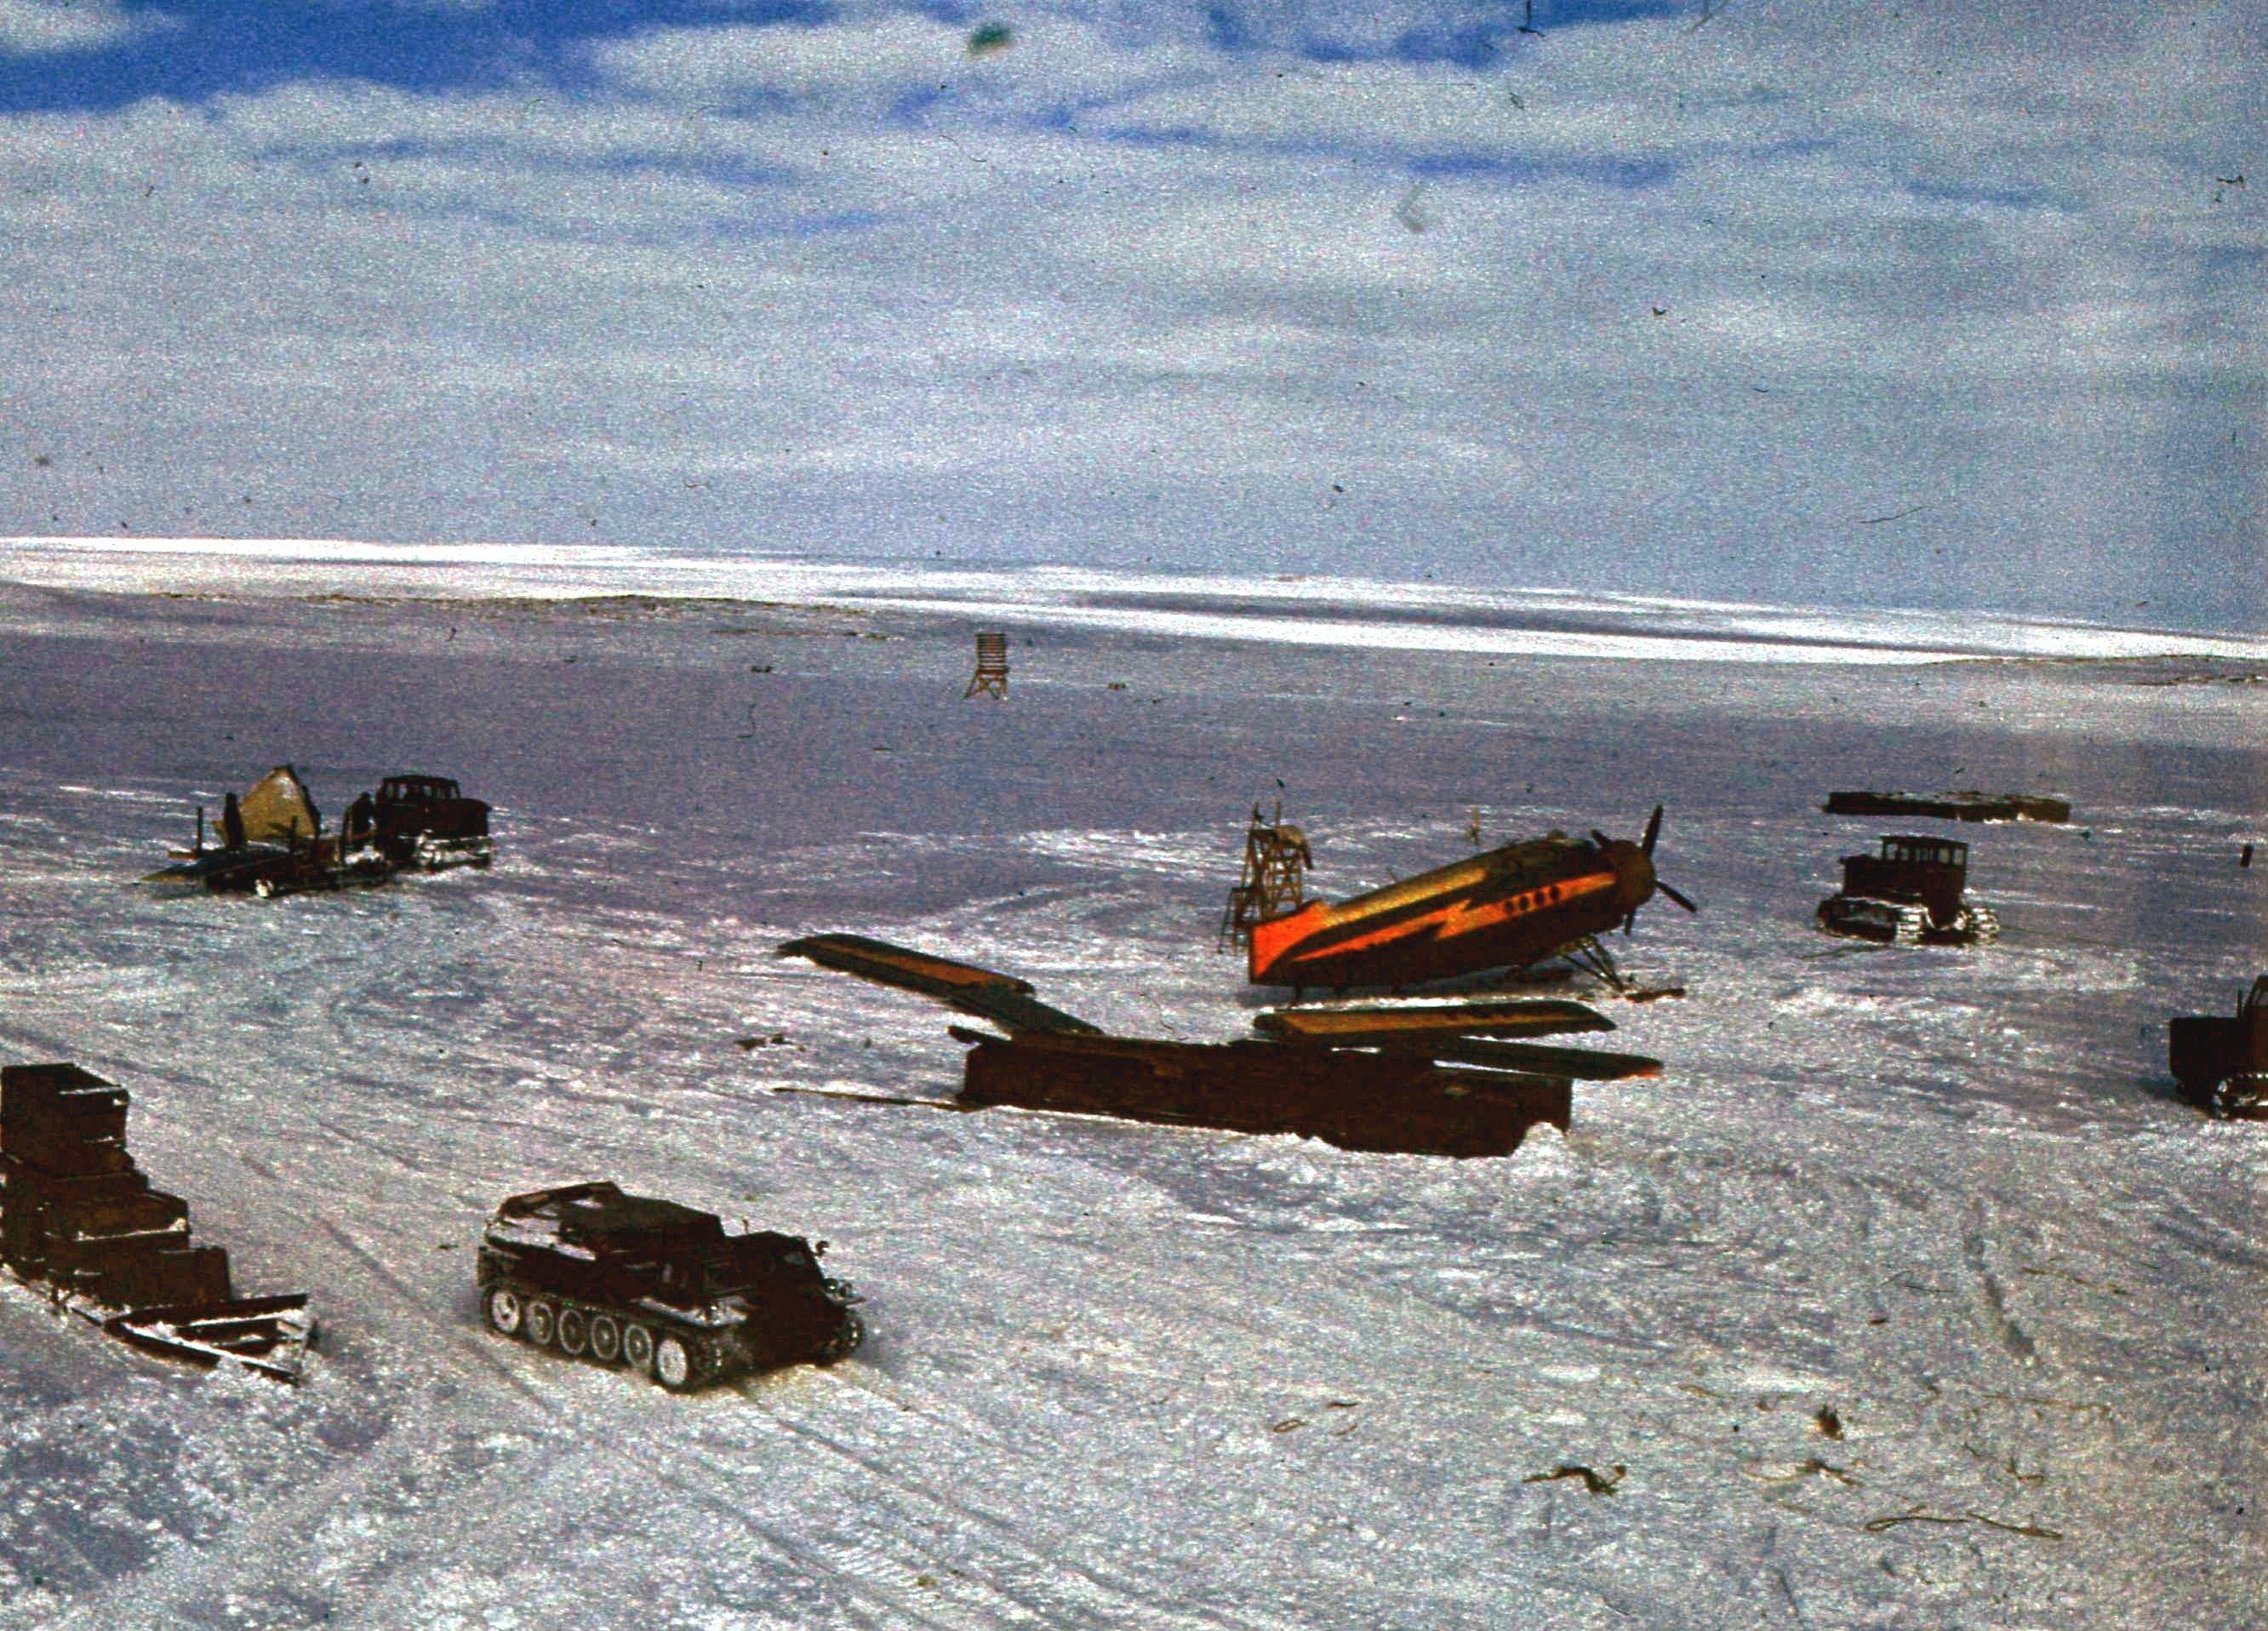 829760 Антарктическая станция _Молодёжная_.jpg